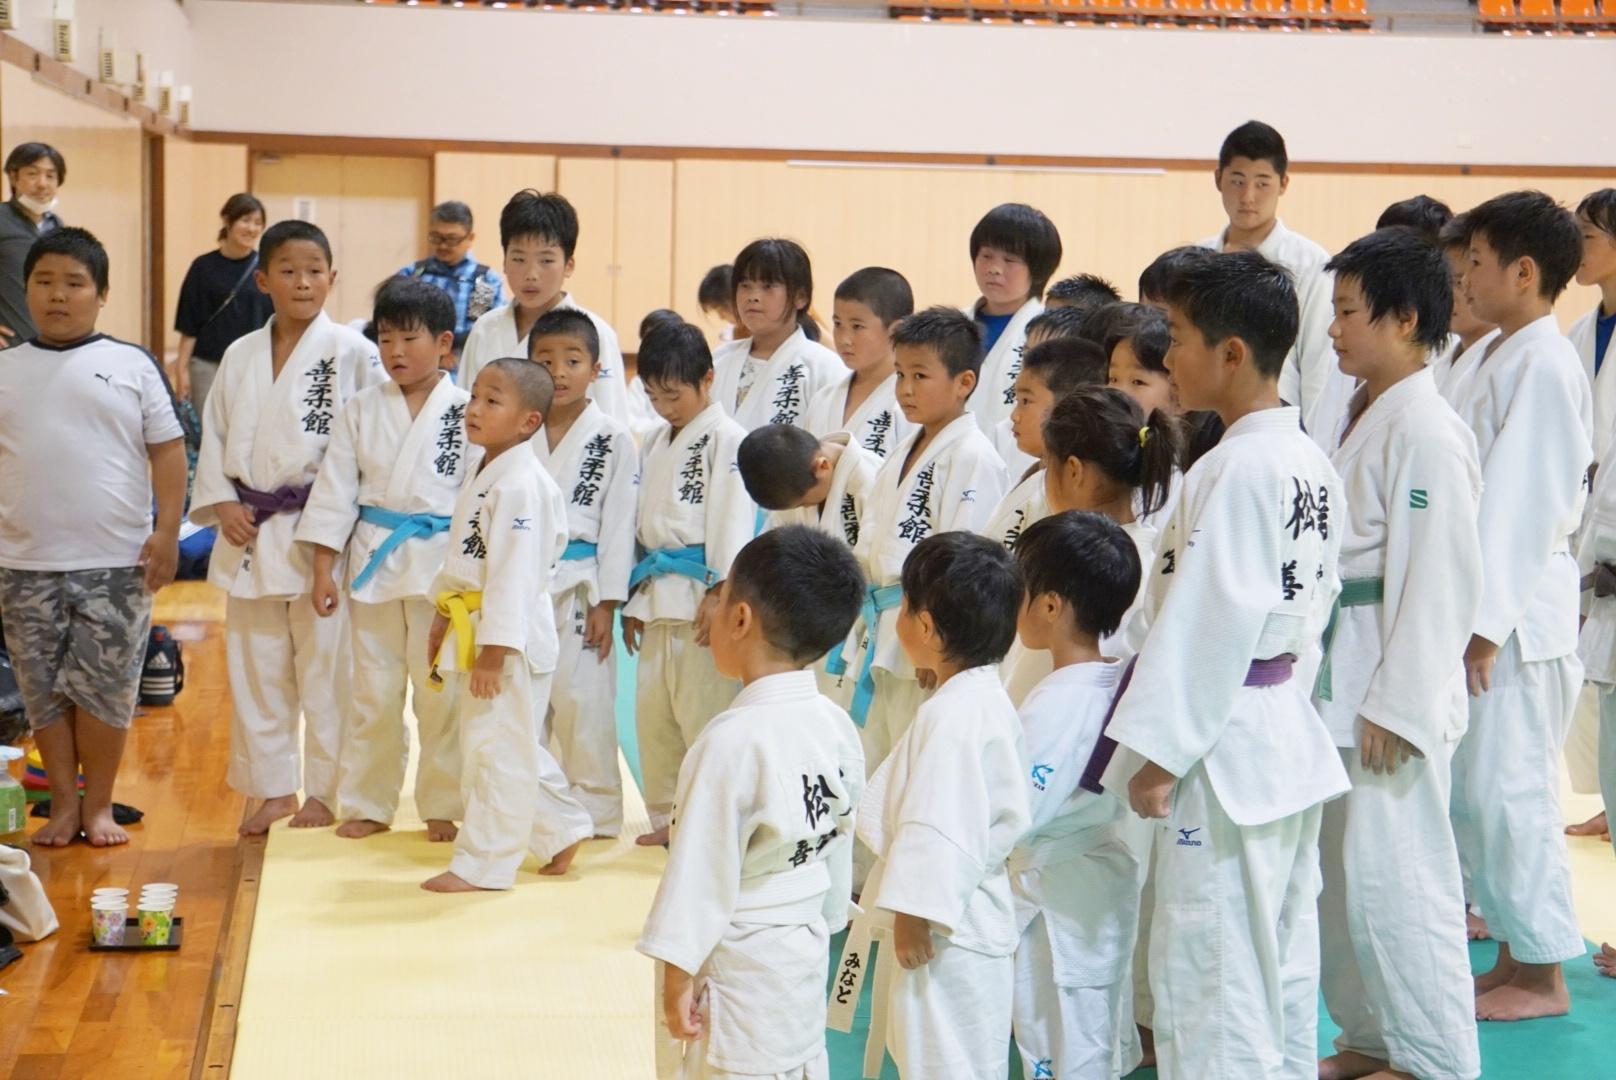 2019 全国中学校柔道大会_b0172494_21482542.jpg